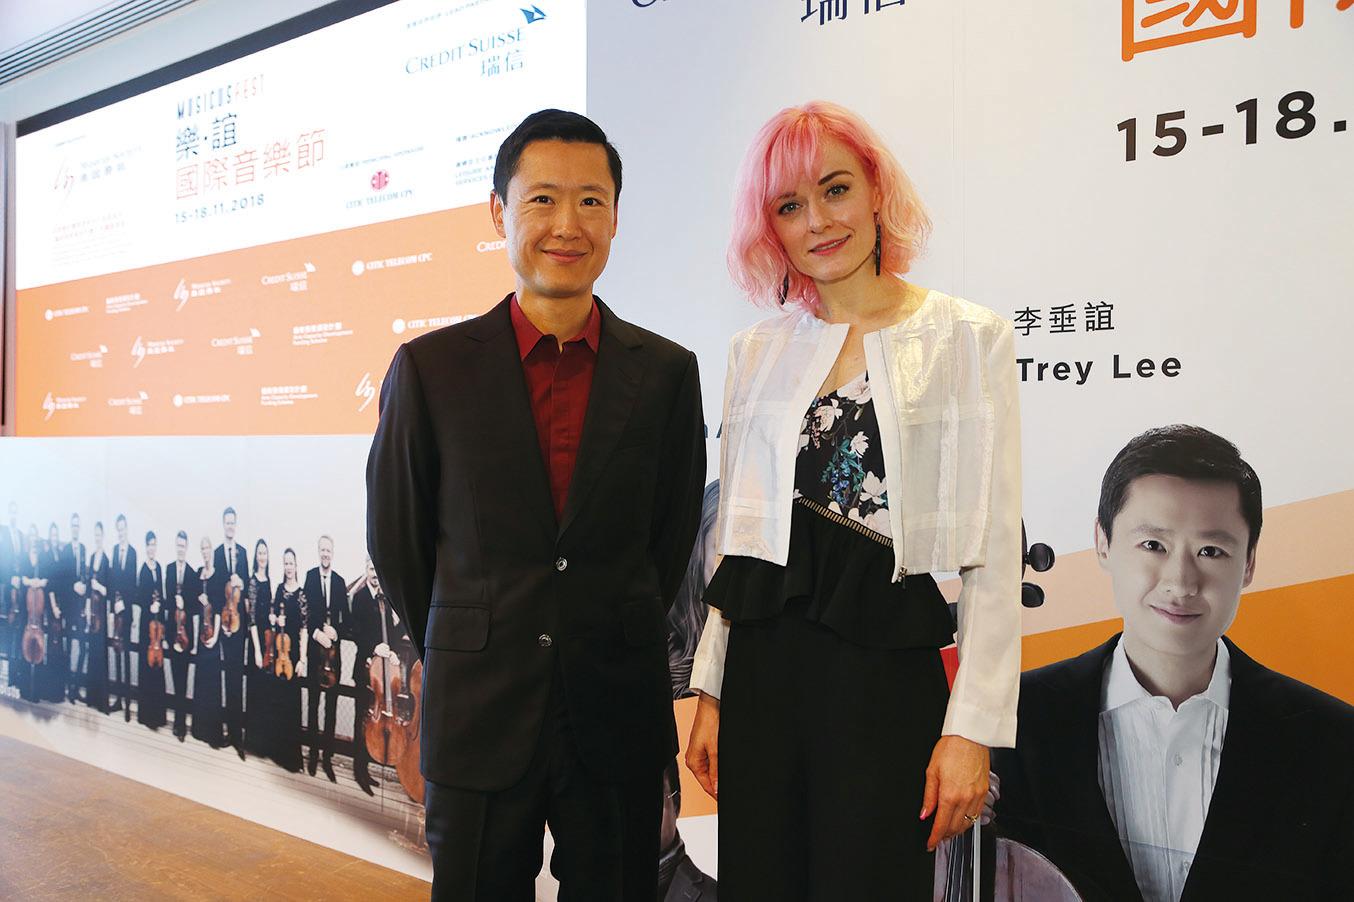 陳明恩(右)與大提琴家李垂誼(左)合照。(陳仲明/大紀元)